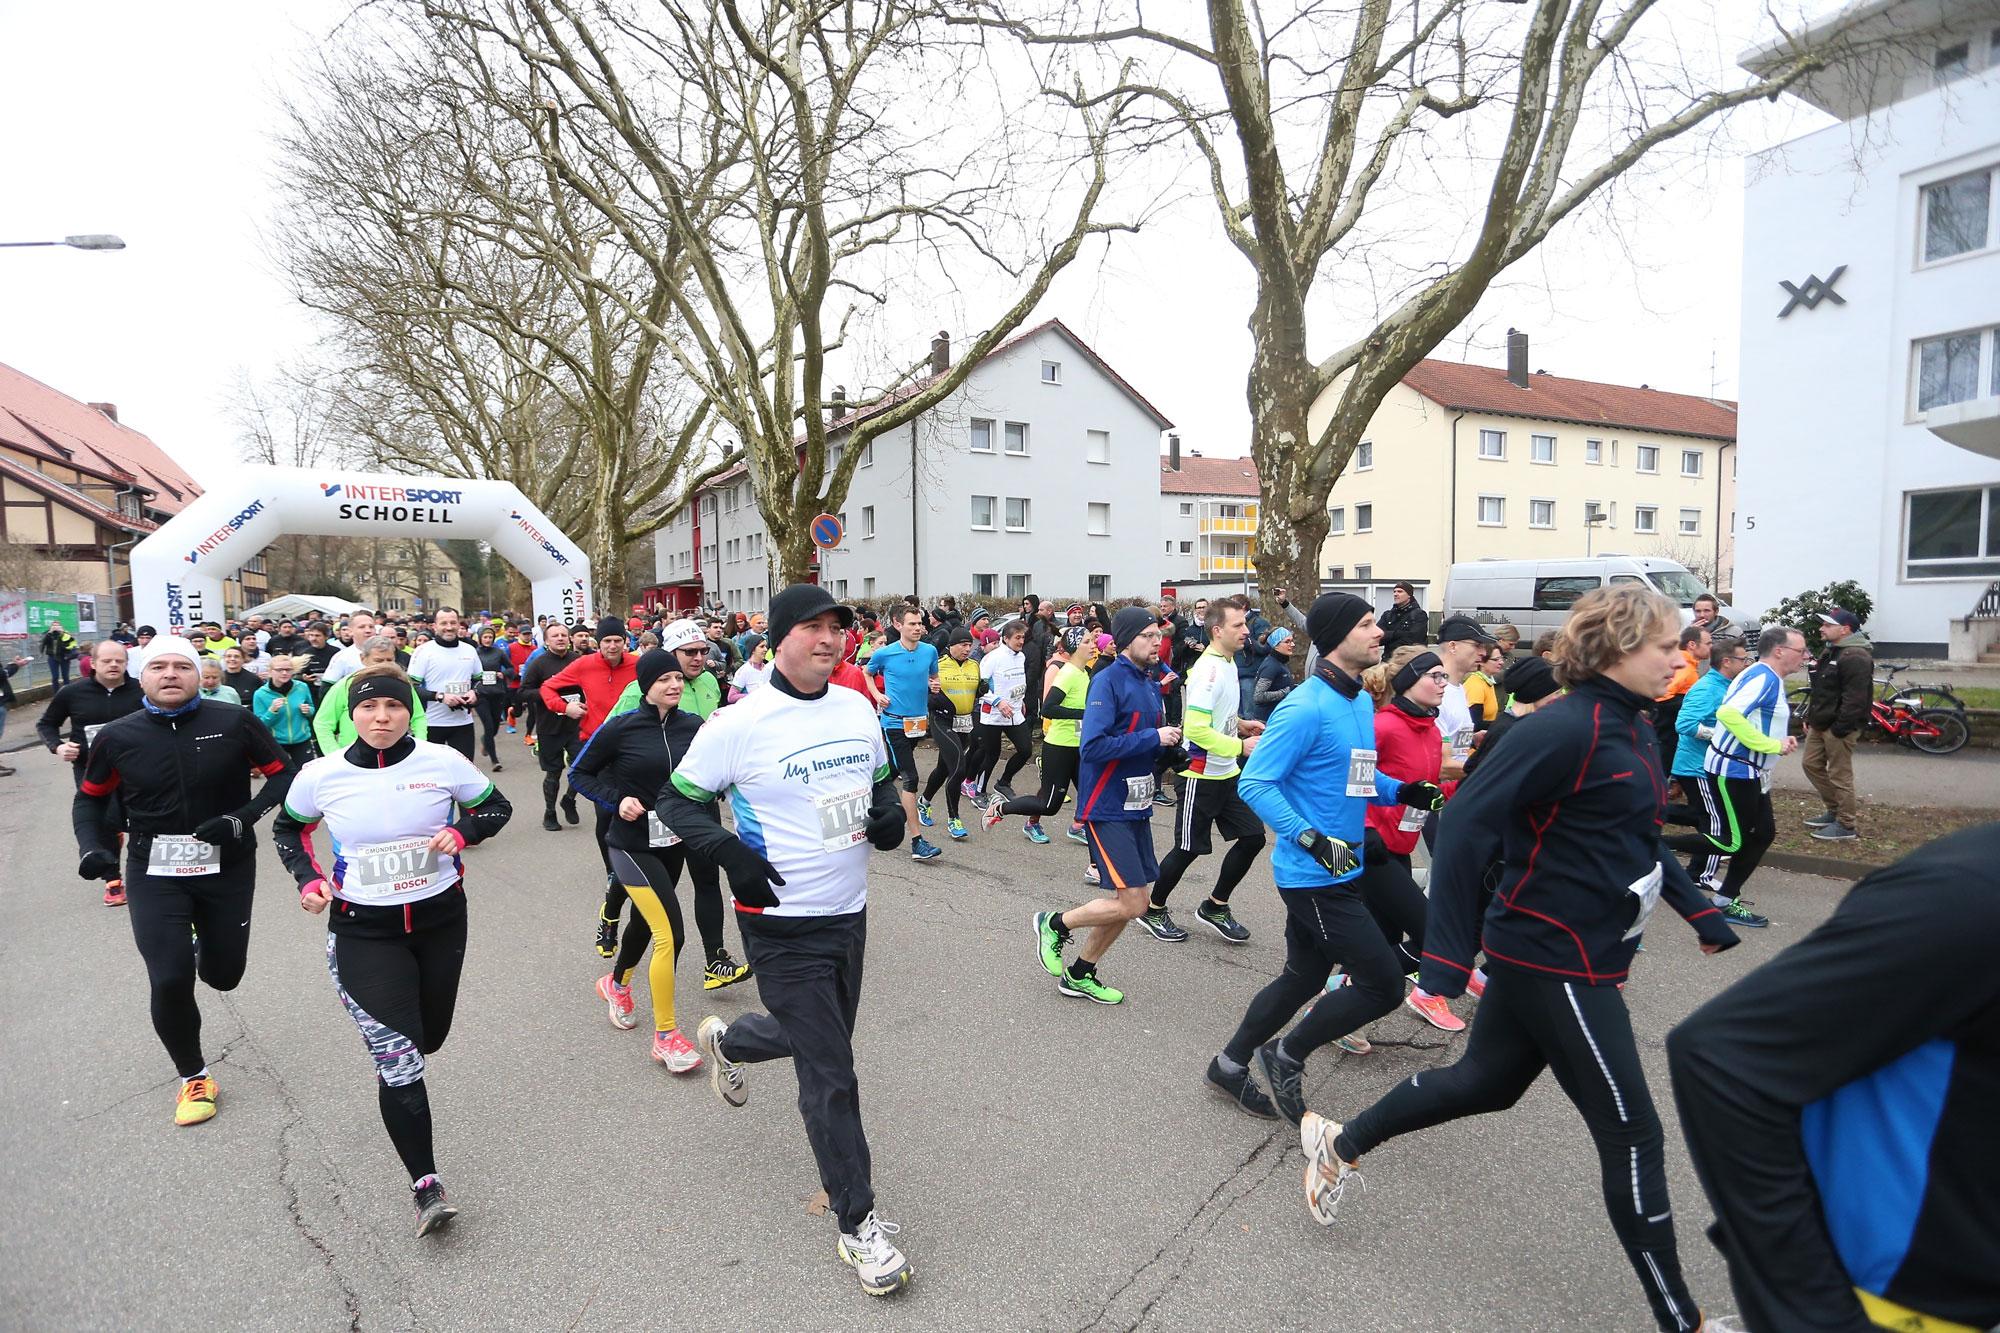 Bilder_GmuenderStadtlauf_Halbmarathonund10km